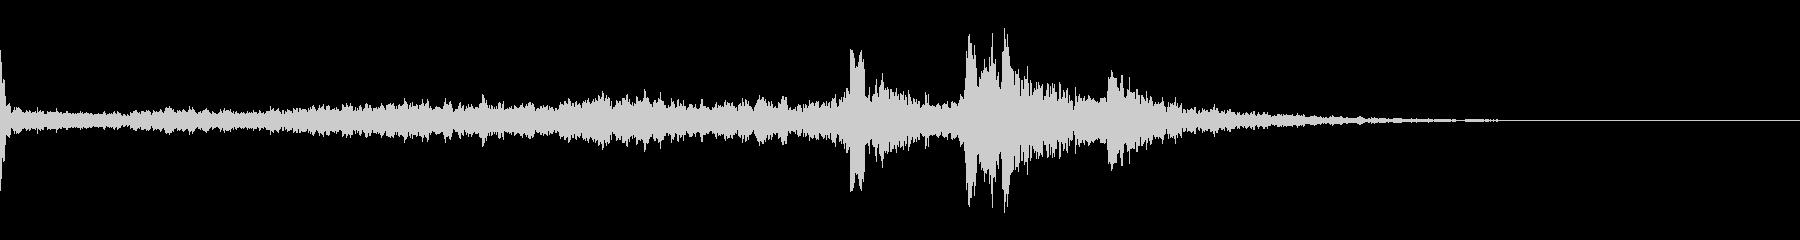 キーン(気配)の未再生の波形